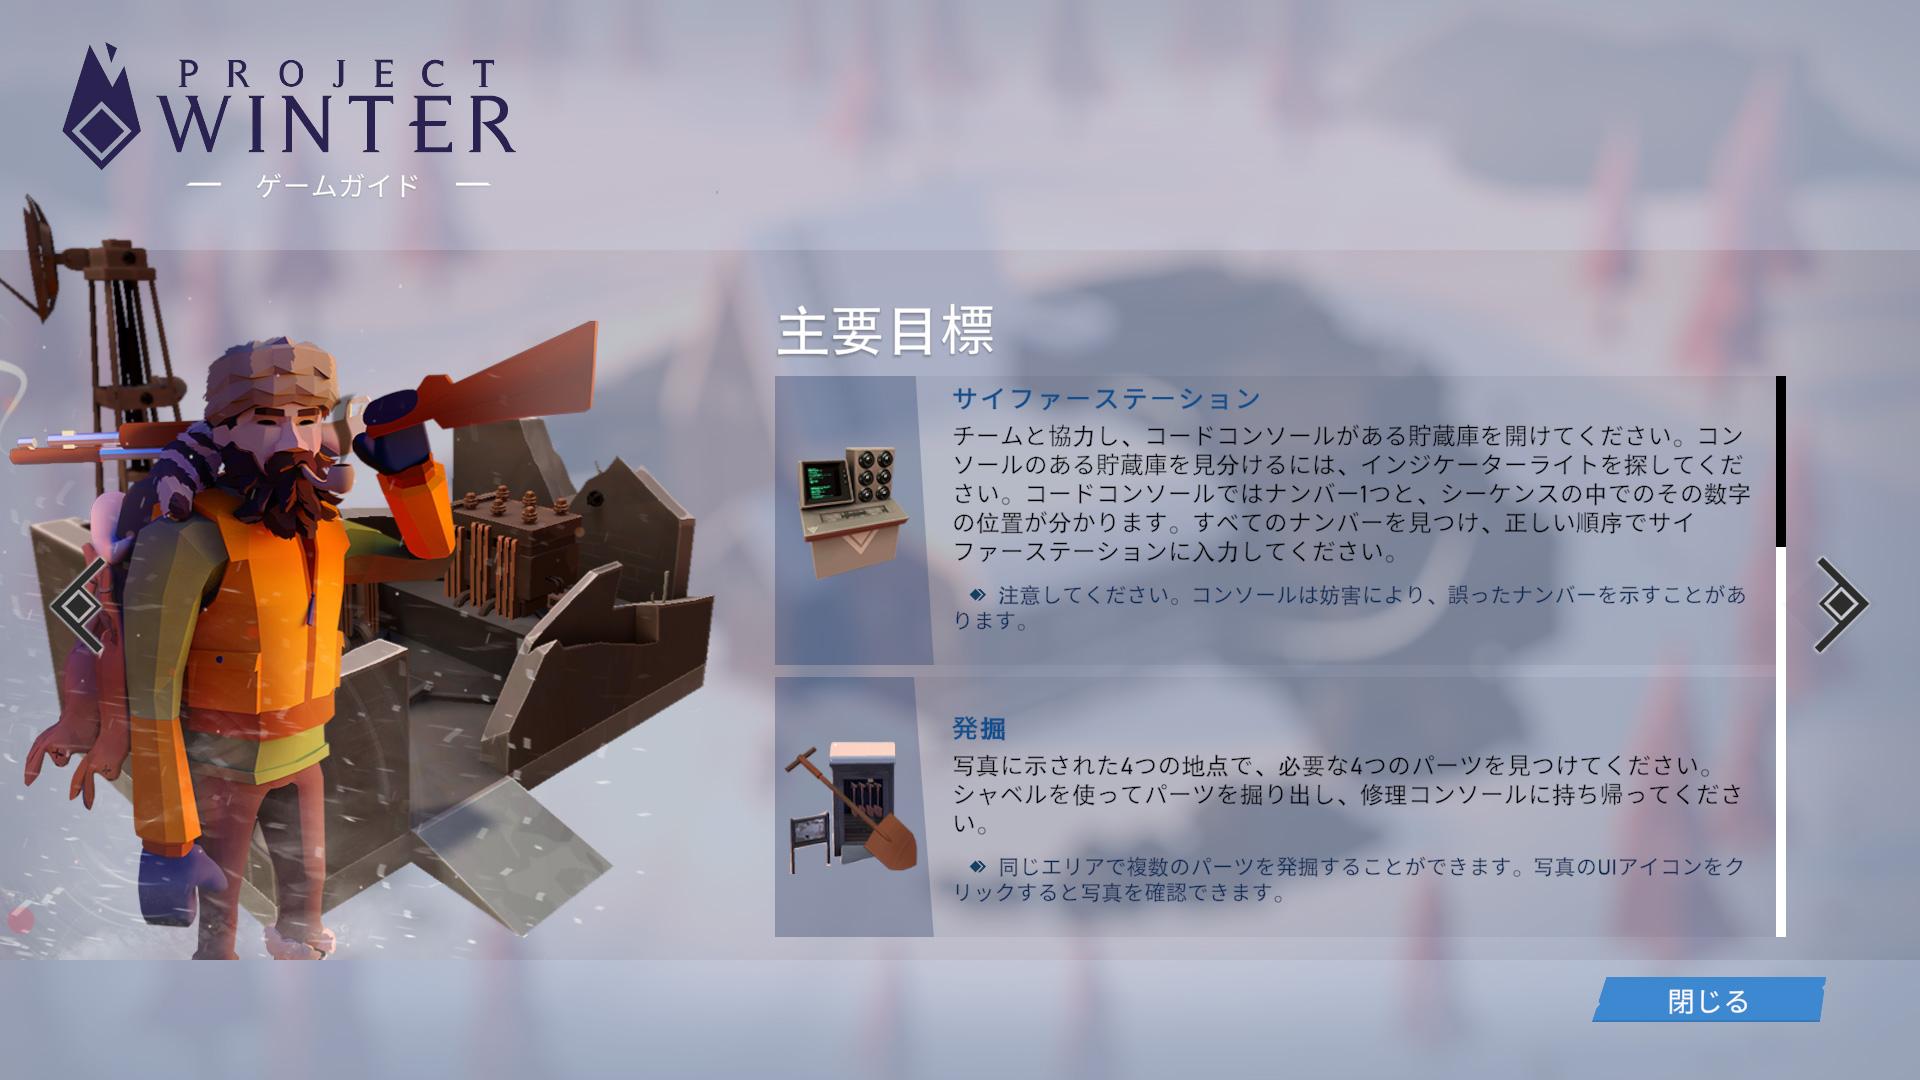 プロジェクト ウィンター 役職